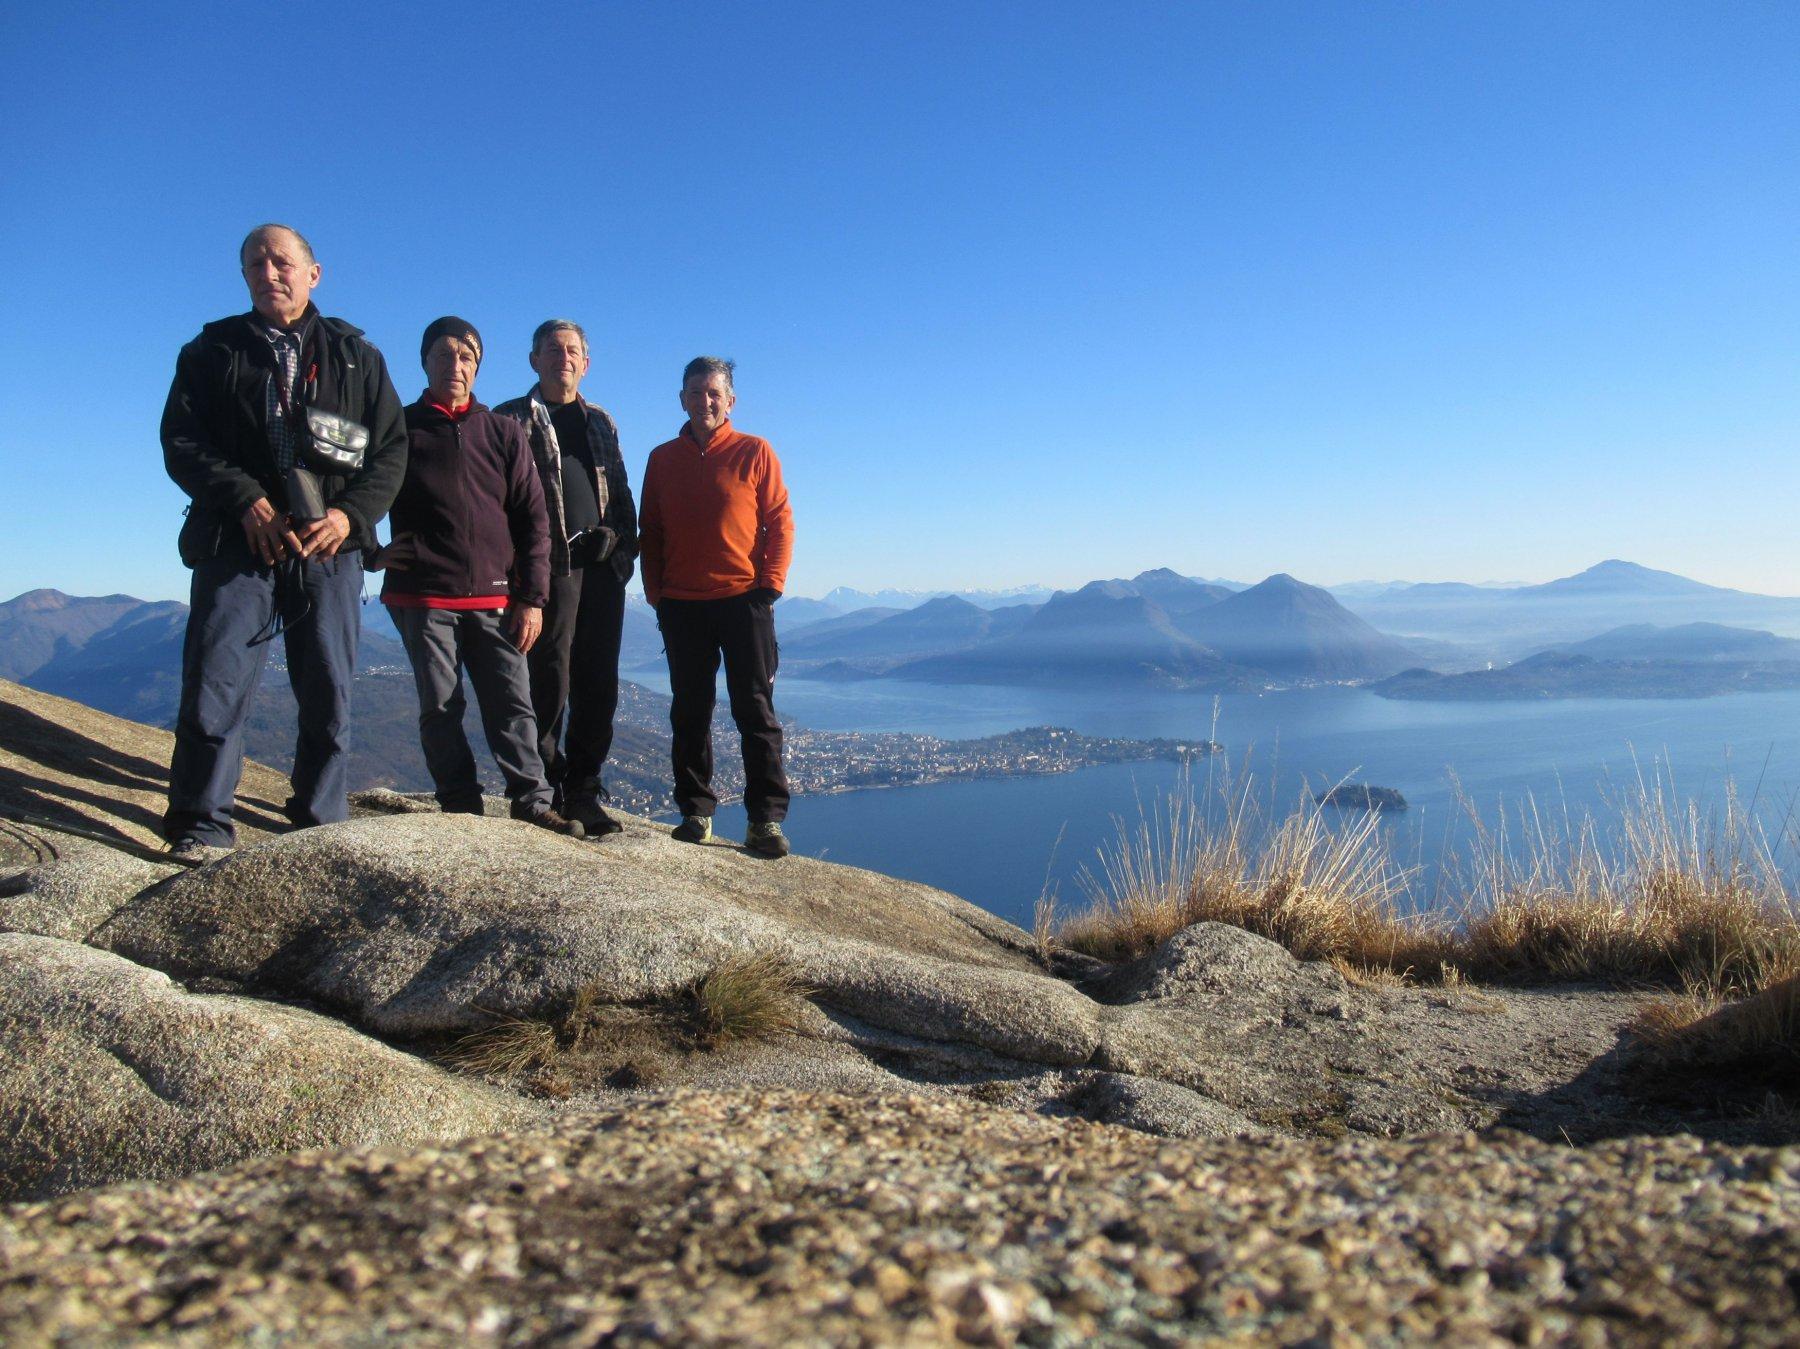 foto di gruppo sul Monte Camoscio